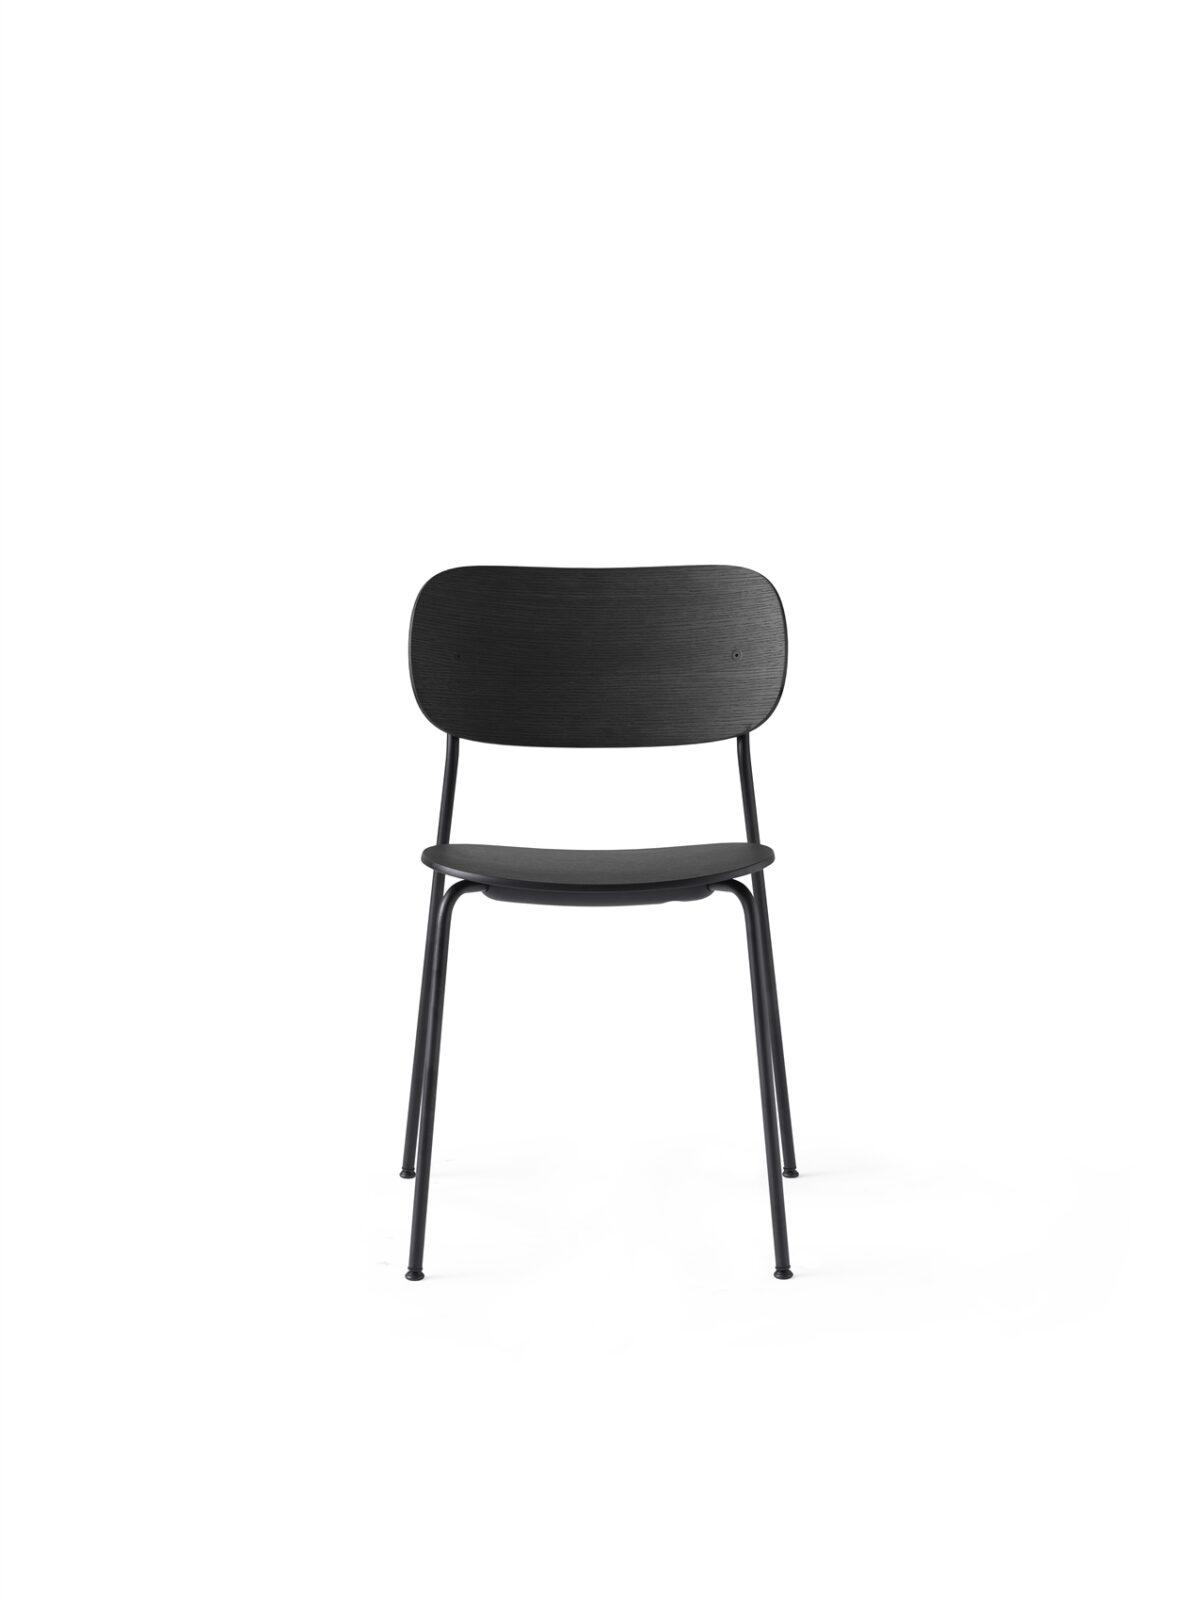 1161539 Co Chair Black Base Black Oak